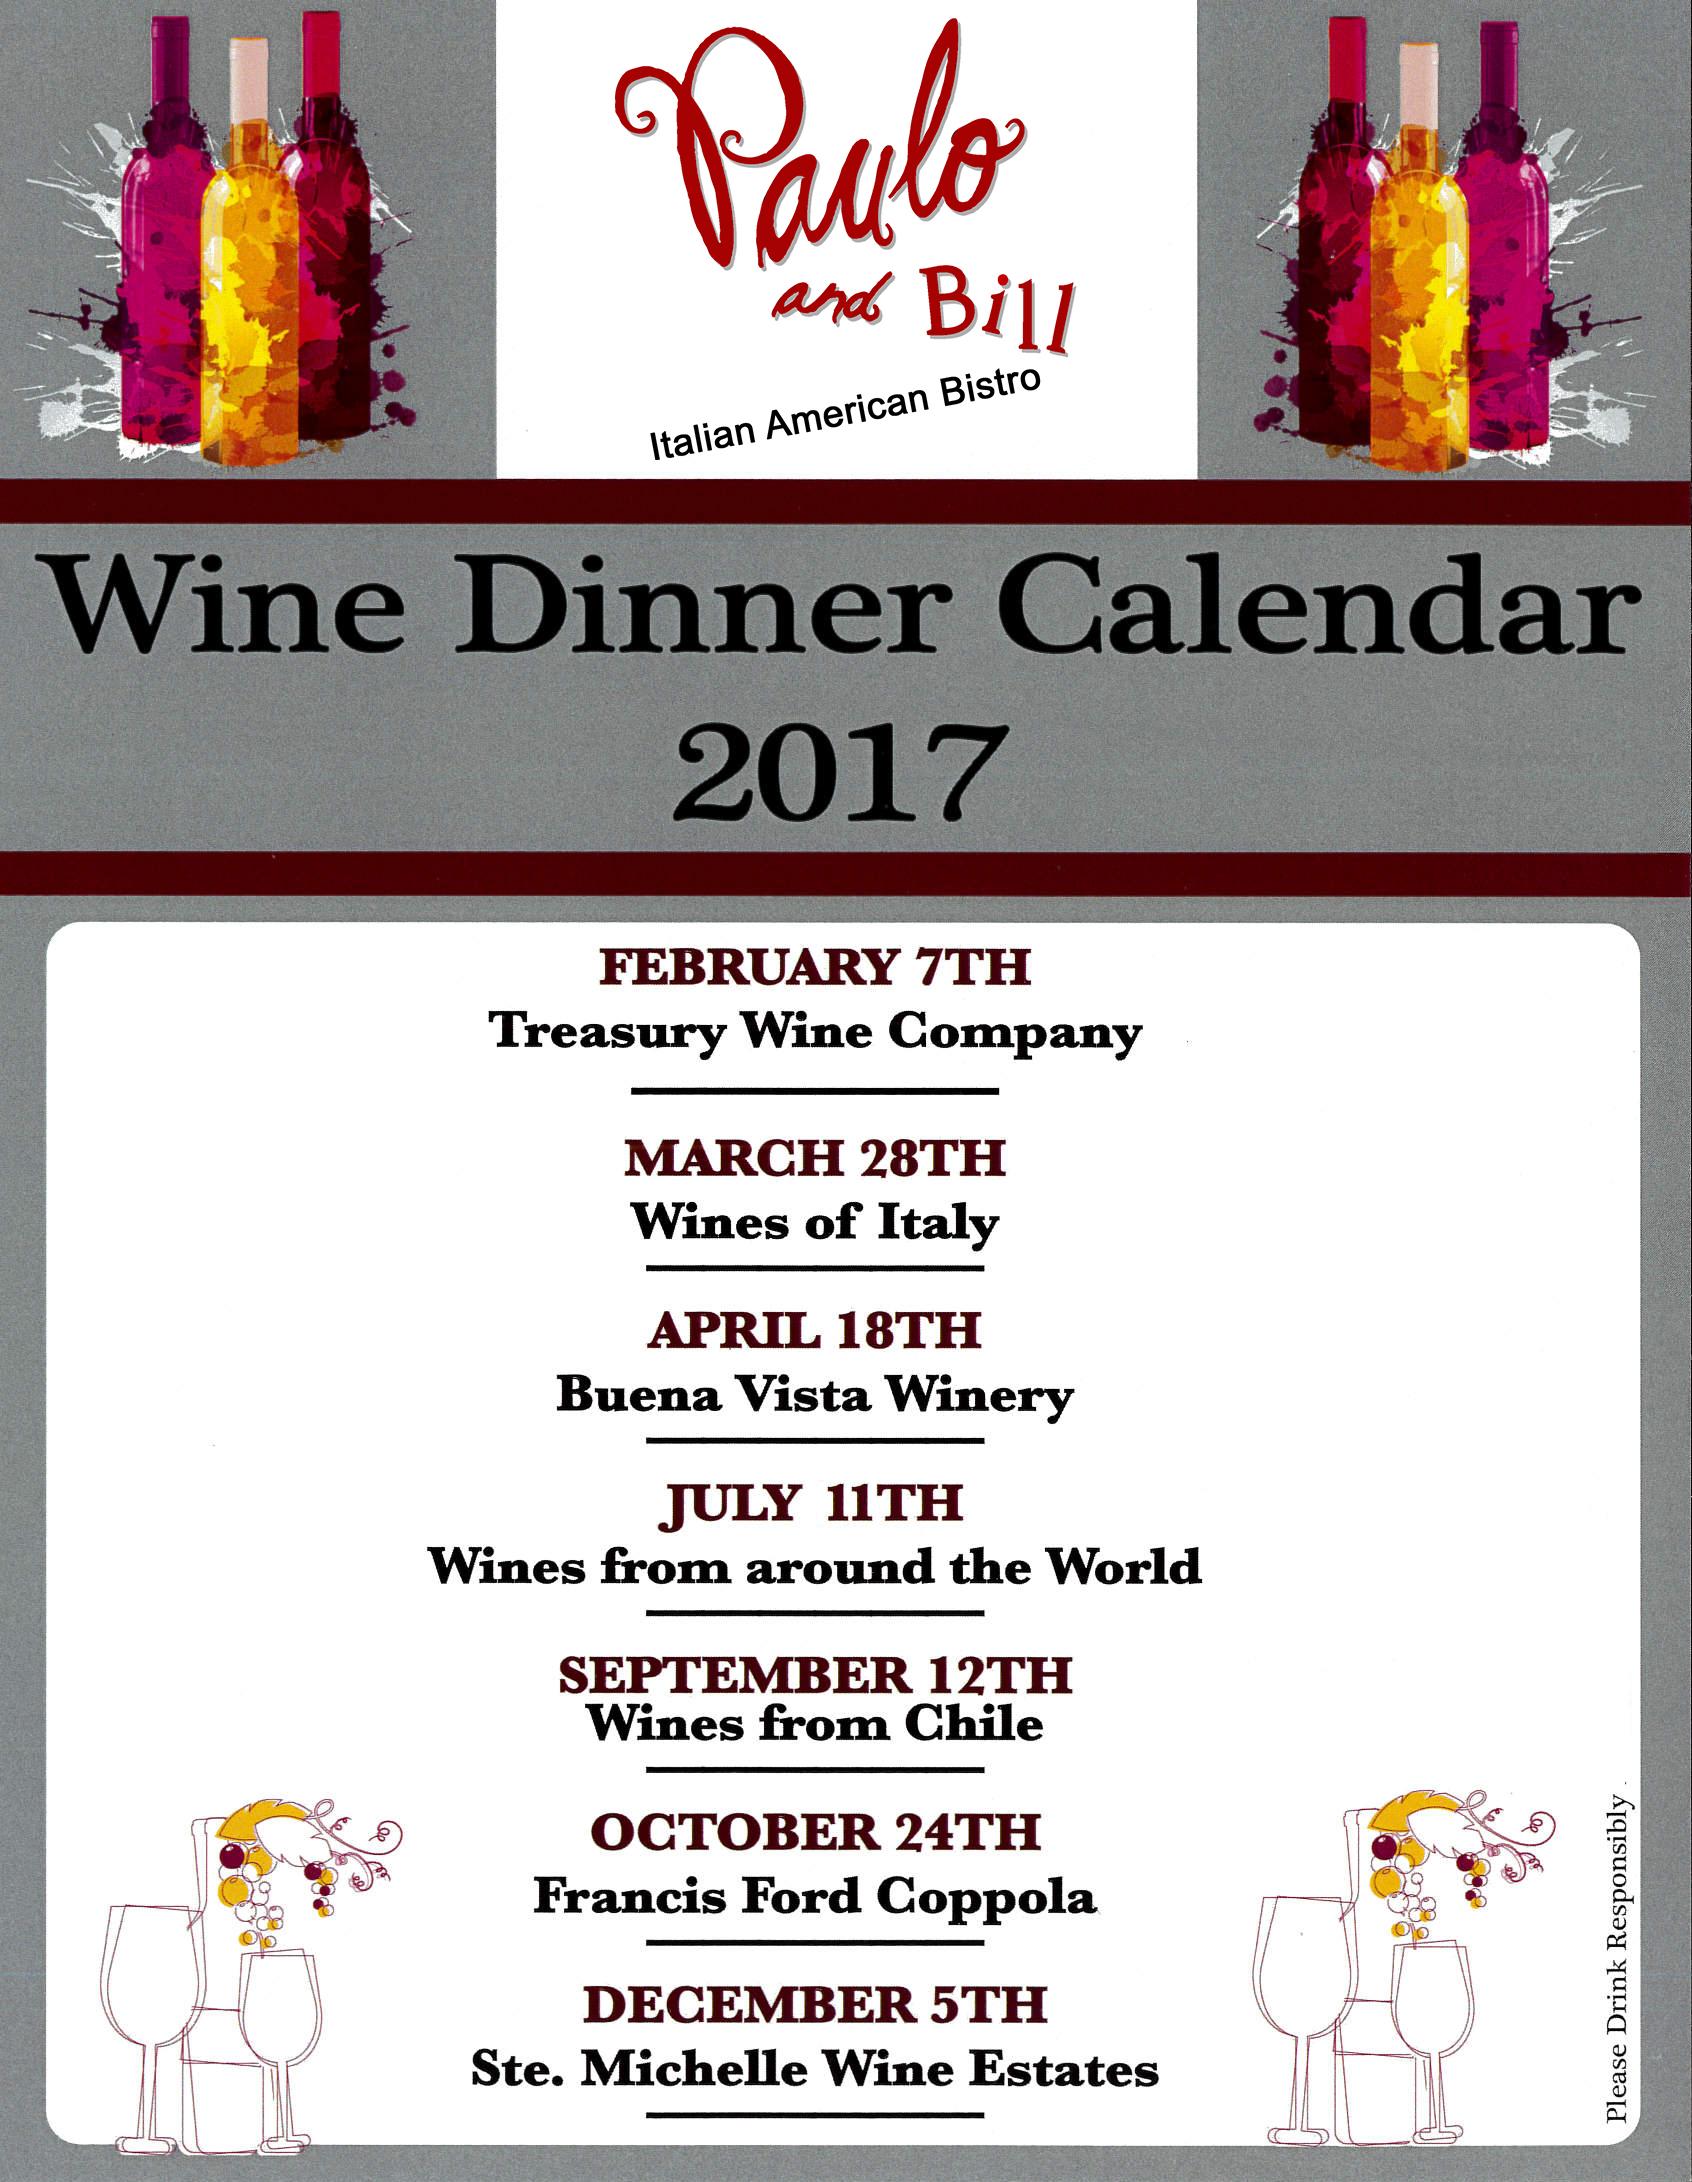 2017 Wine Dinner Schedule